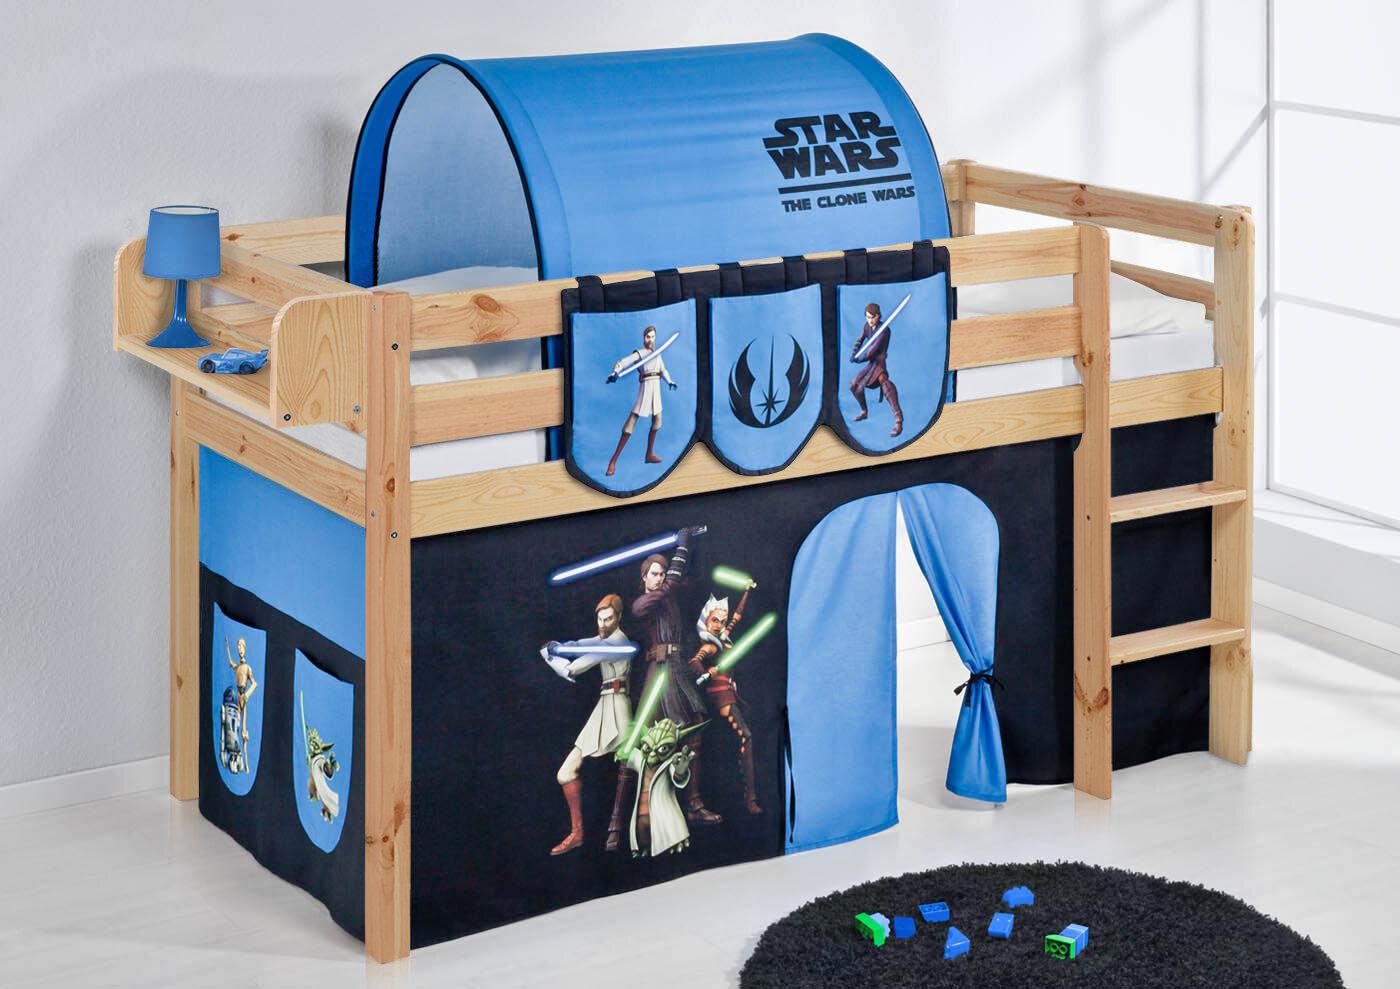 Etagenbett Wayfair : Star wars hochbett mit hochbettvorhang 90cm x 200cm